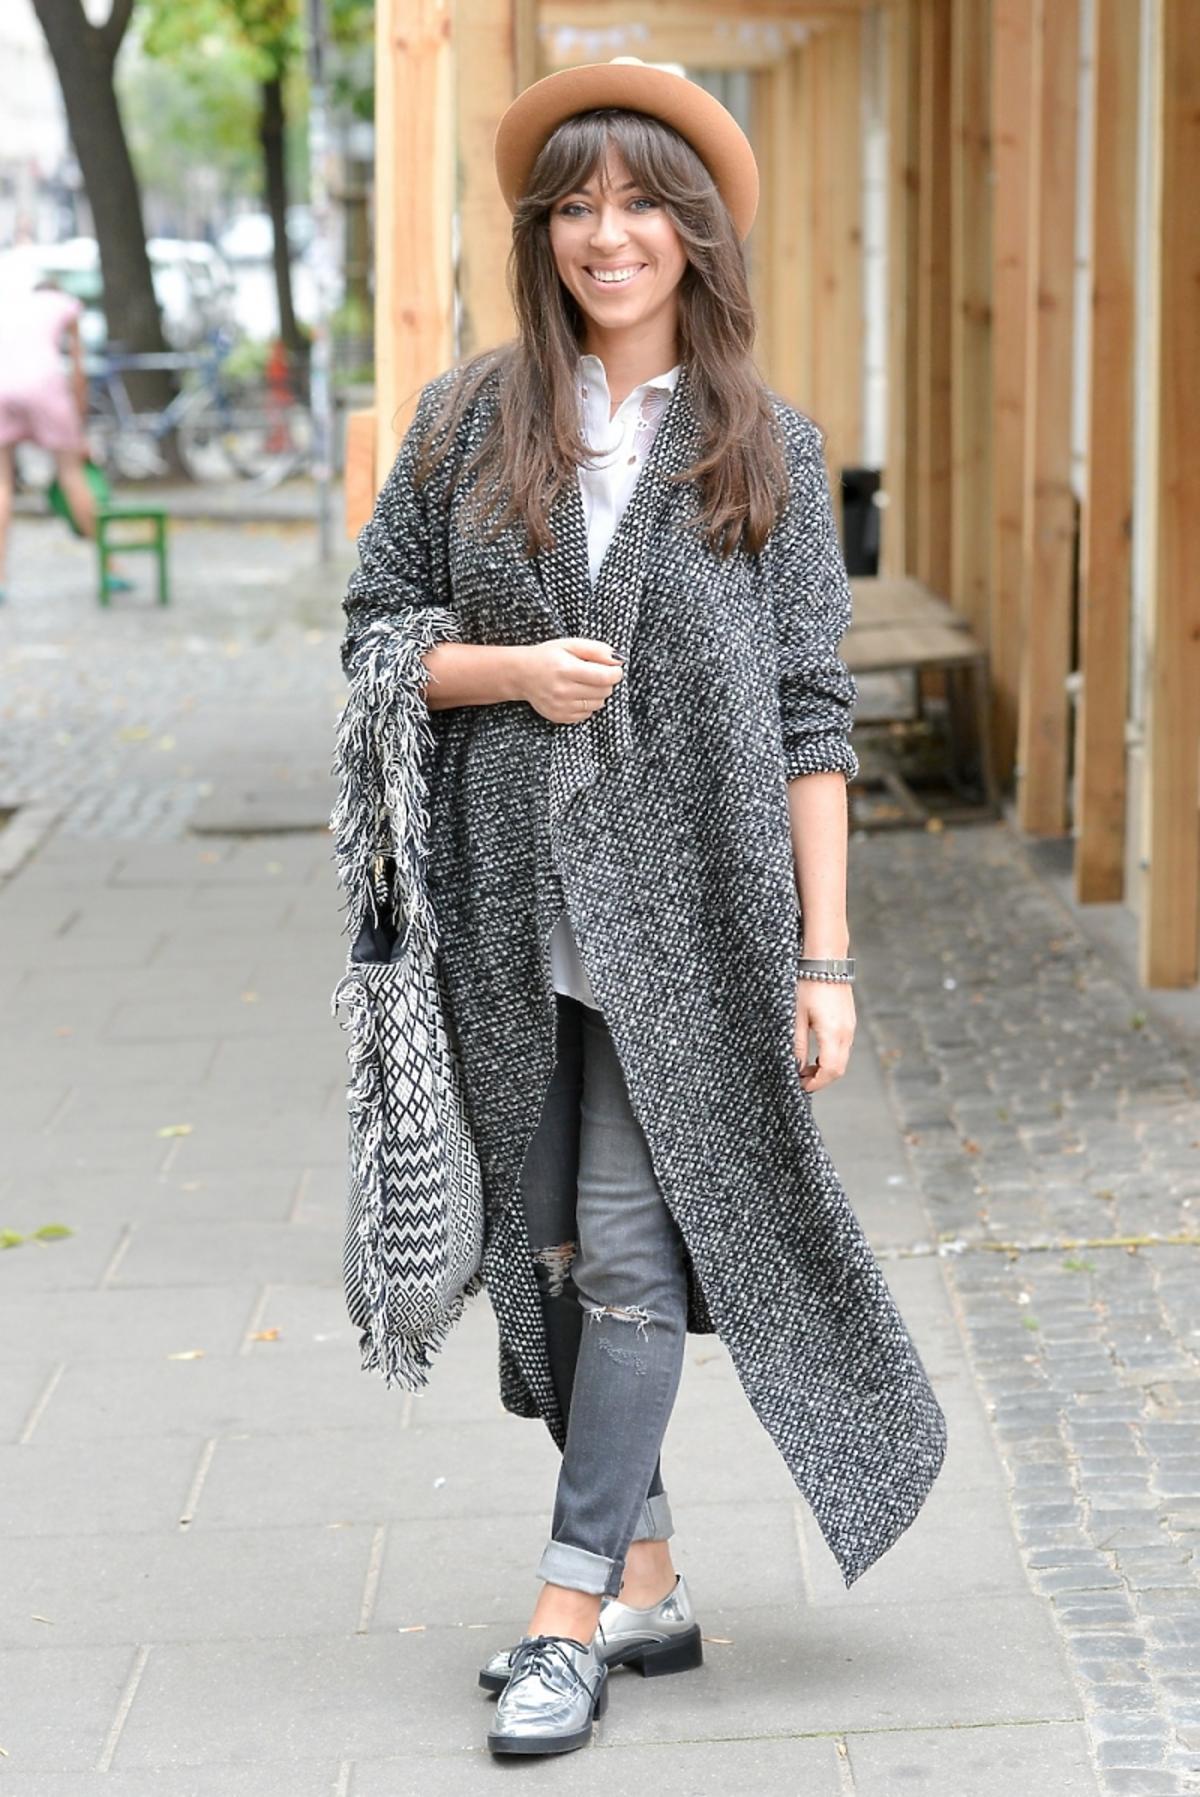 Natalia Kukulska w kapeluszu i szarej stylizacji na ulicy